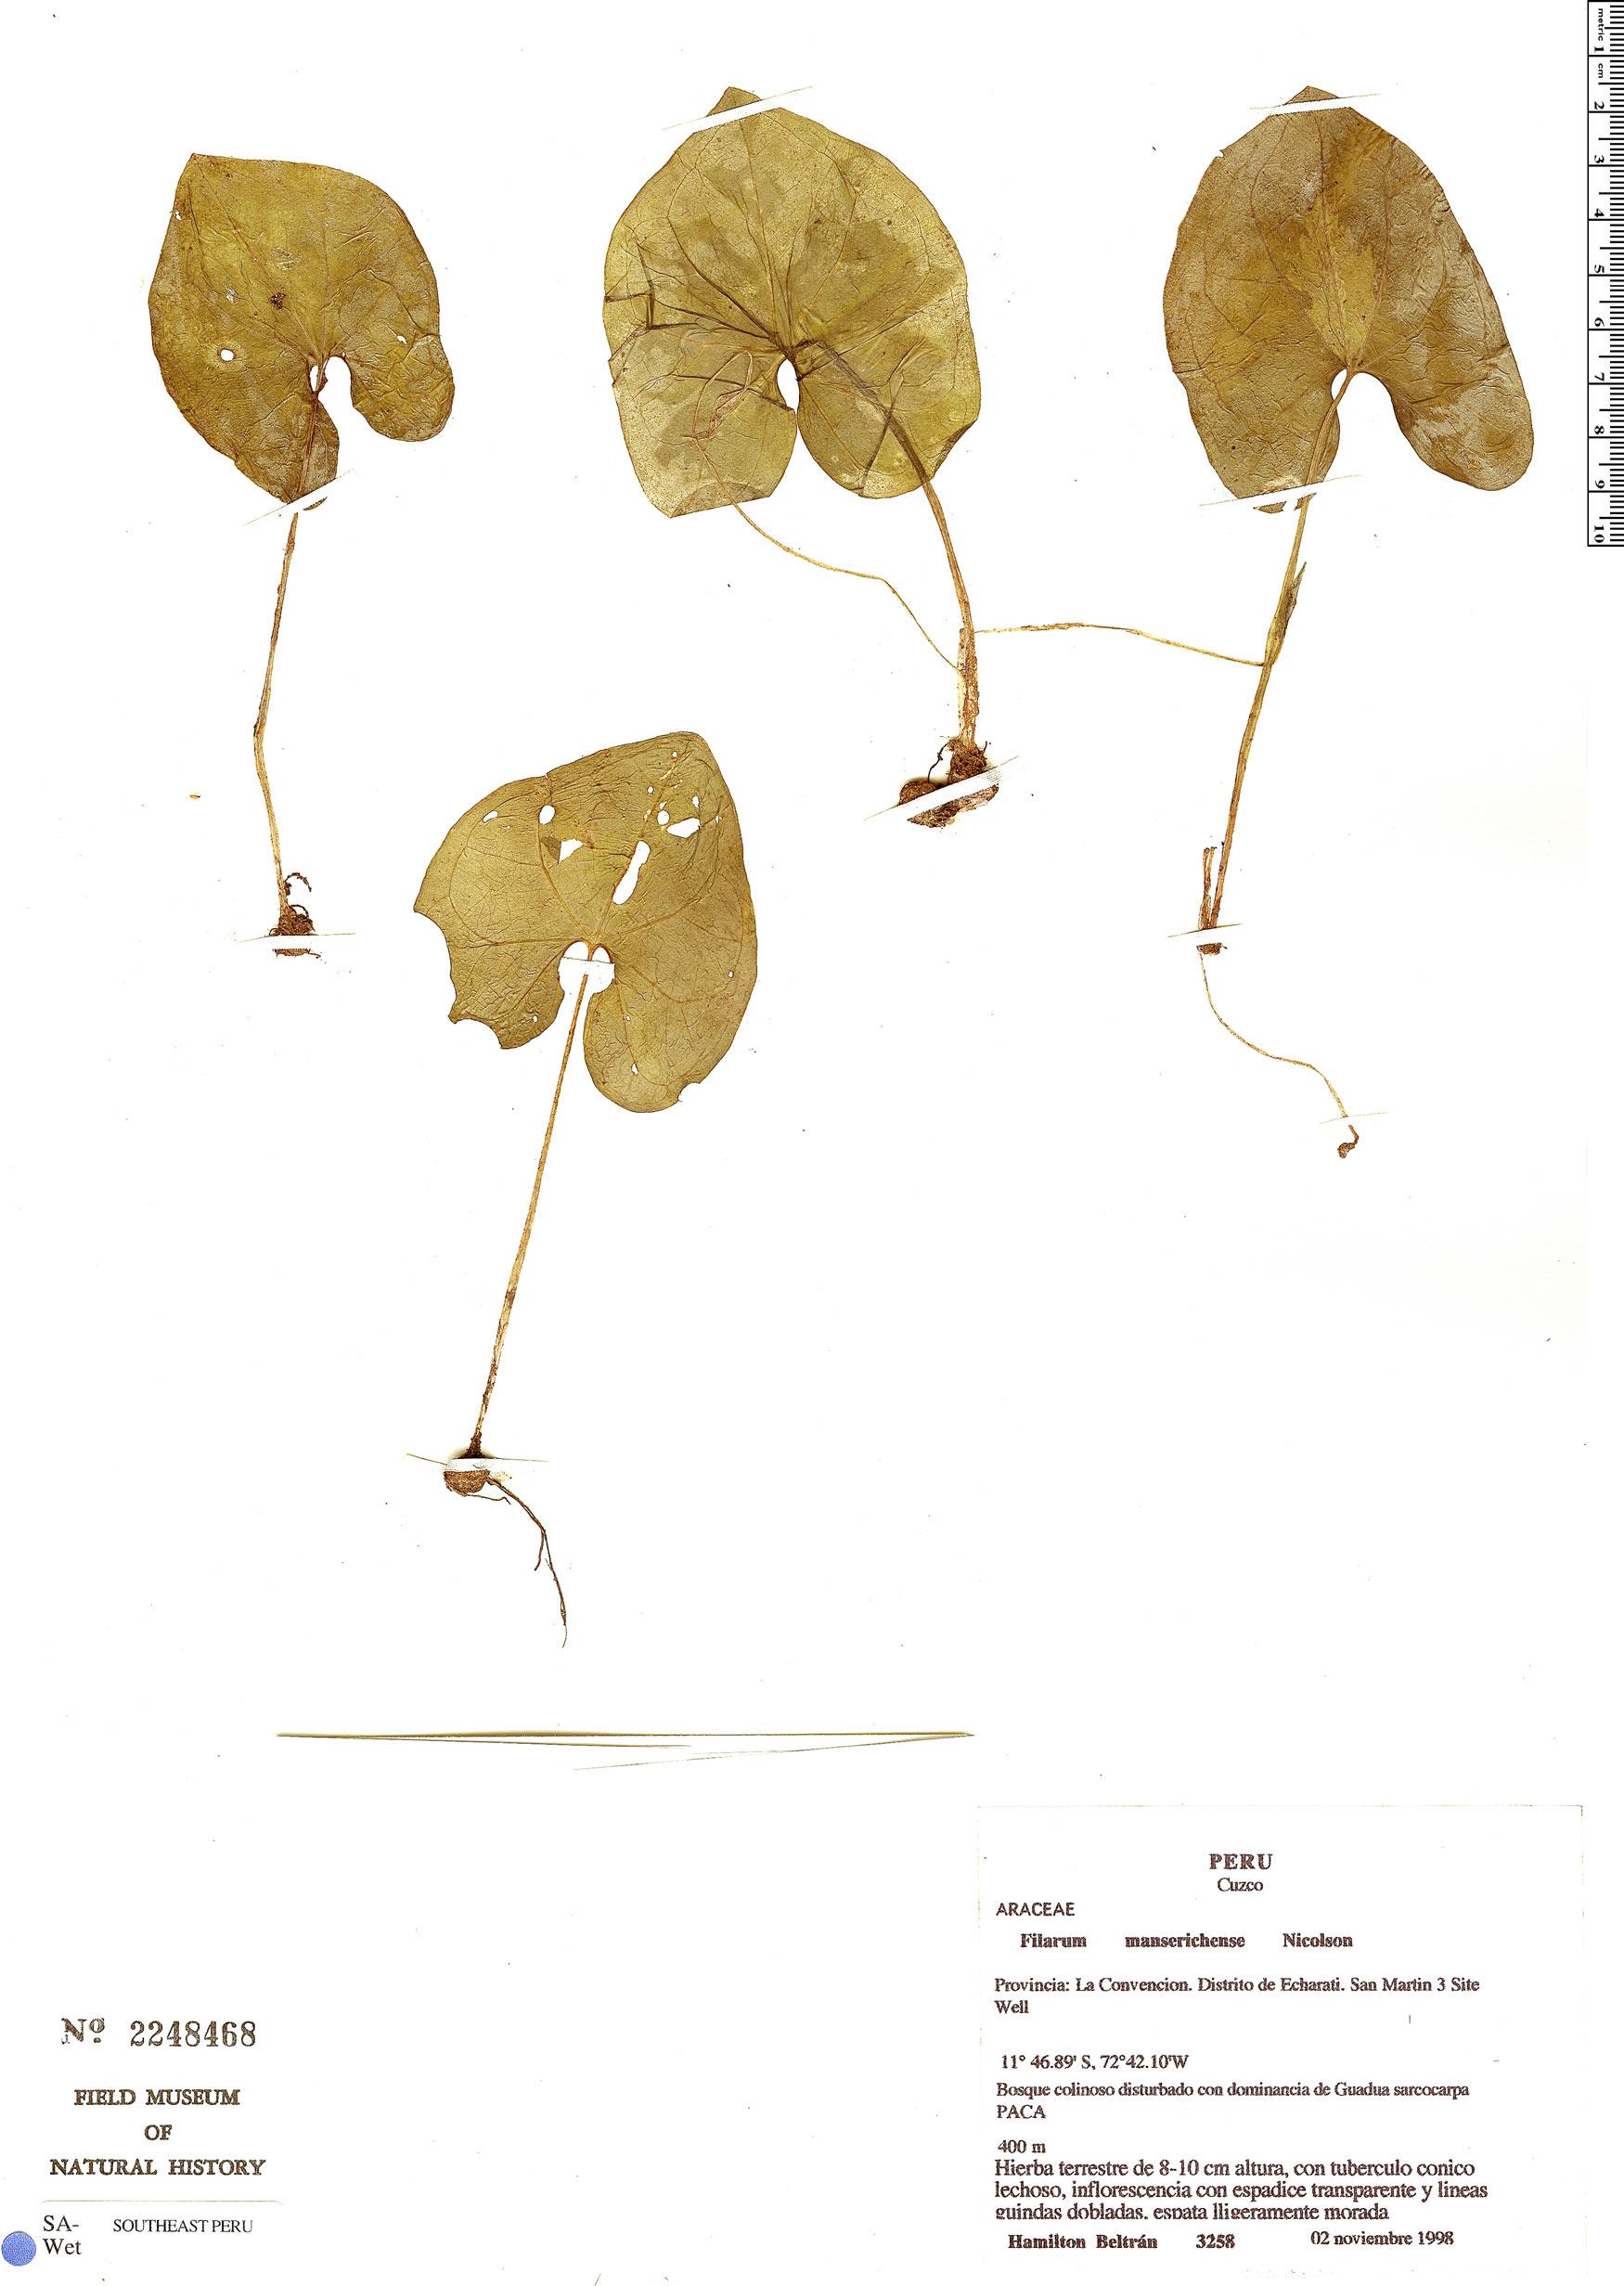 Specimen: Filarum manserichense